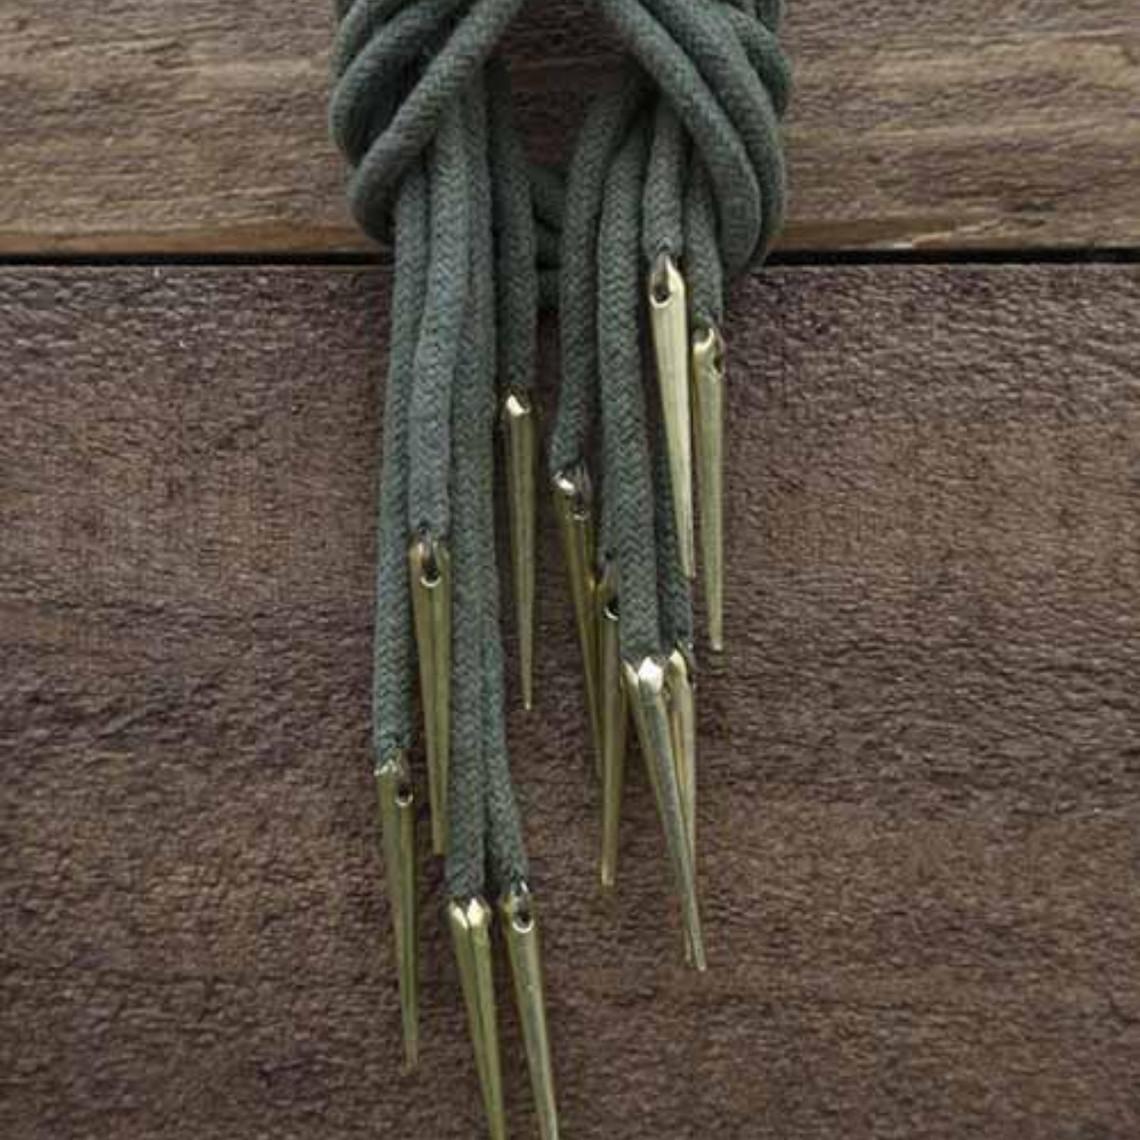 Epic Armoury Schnürsenkel mit Aiglets, 6er-Set, grün